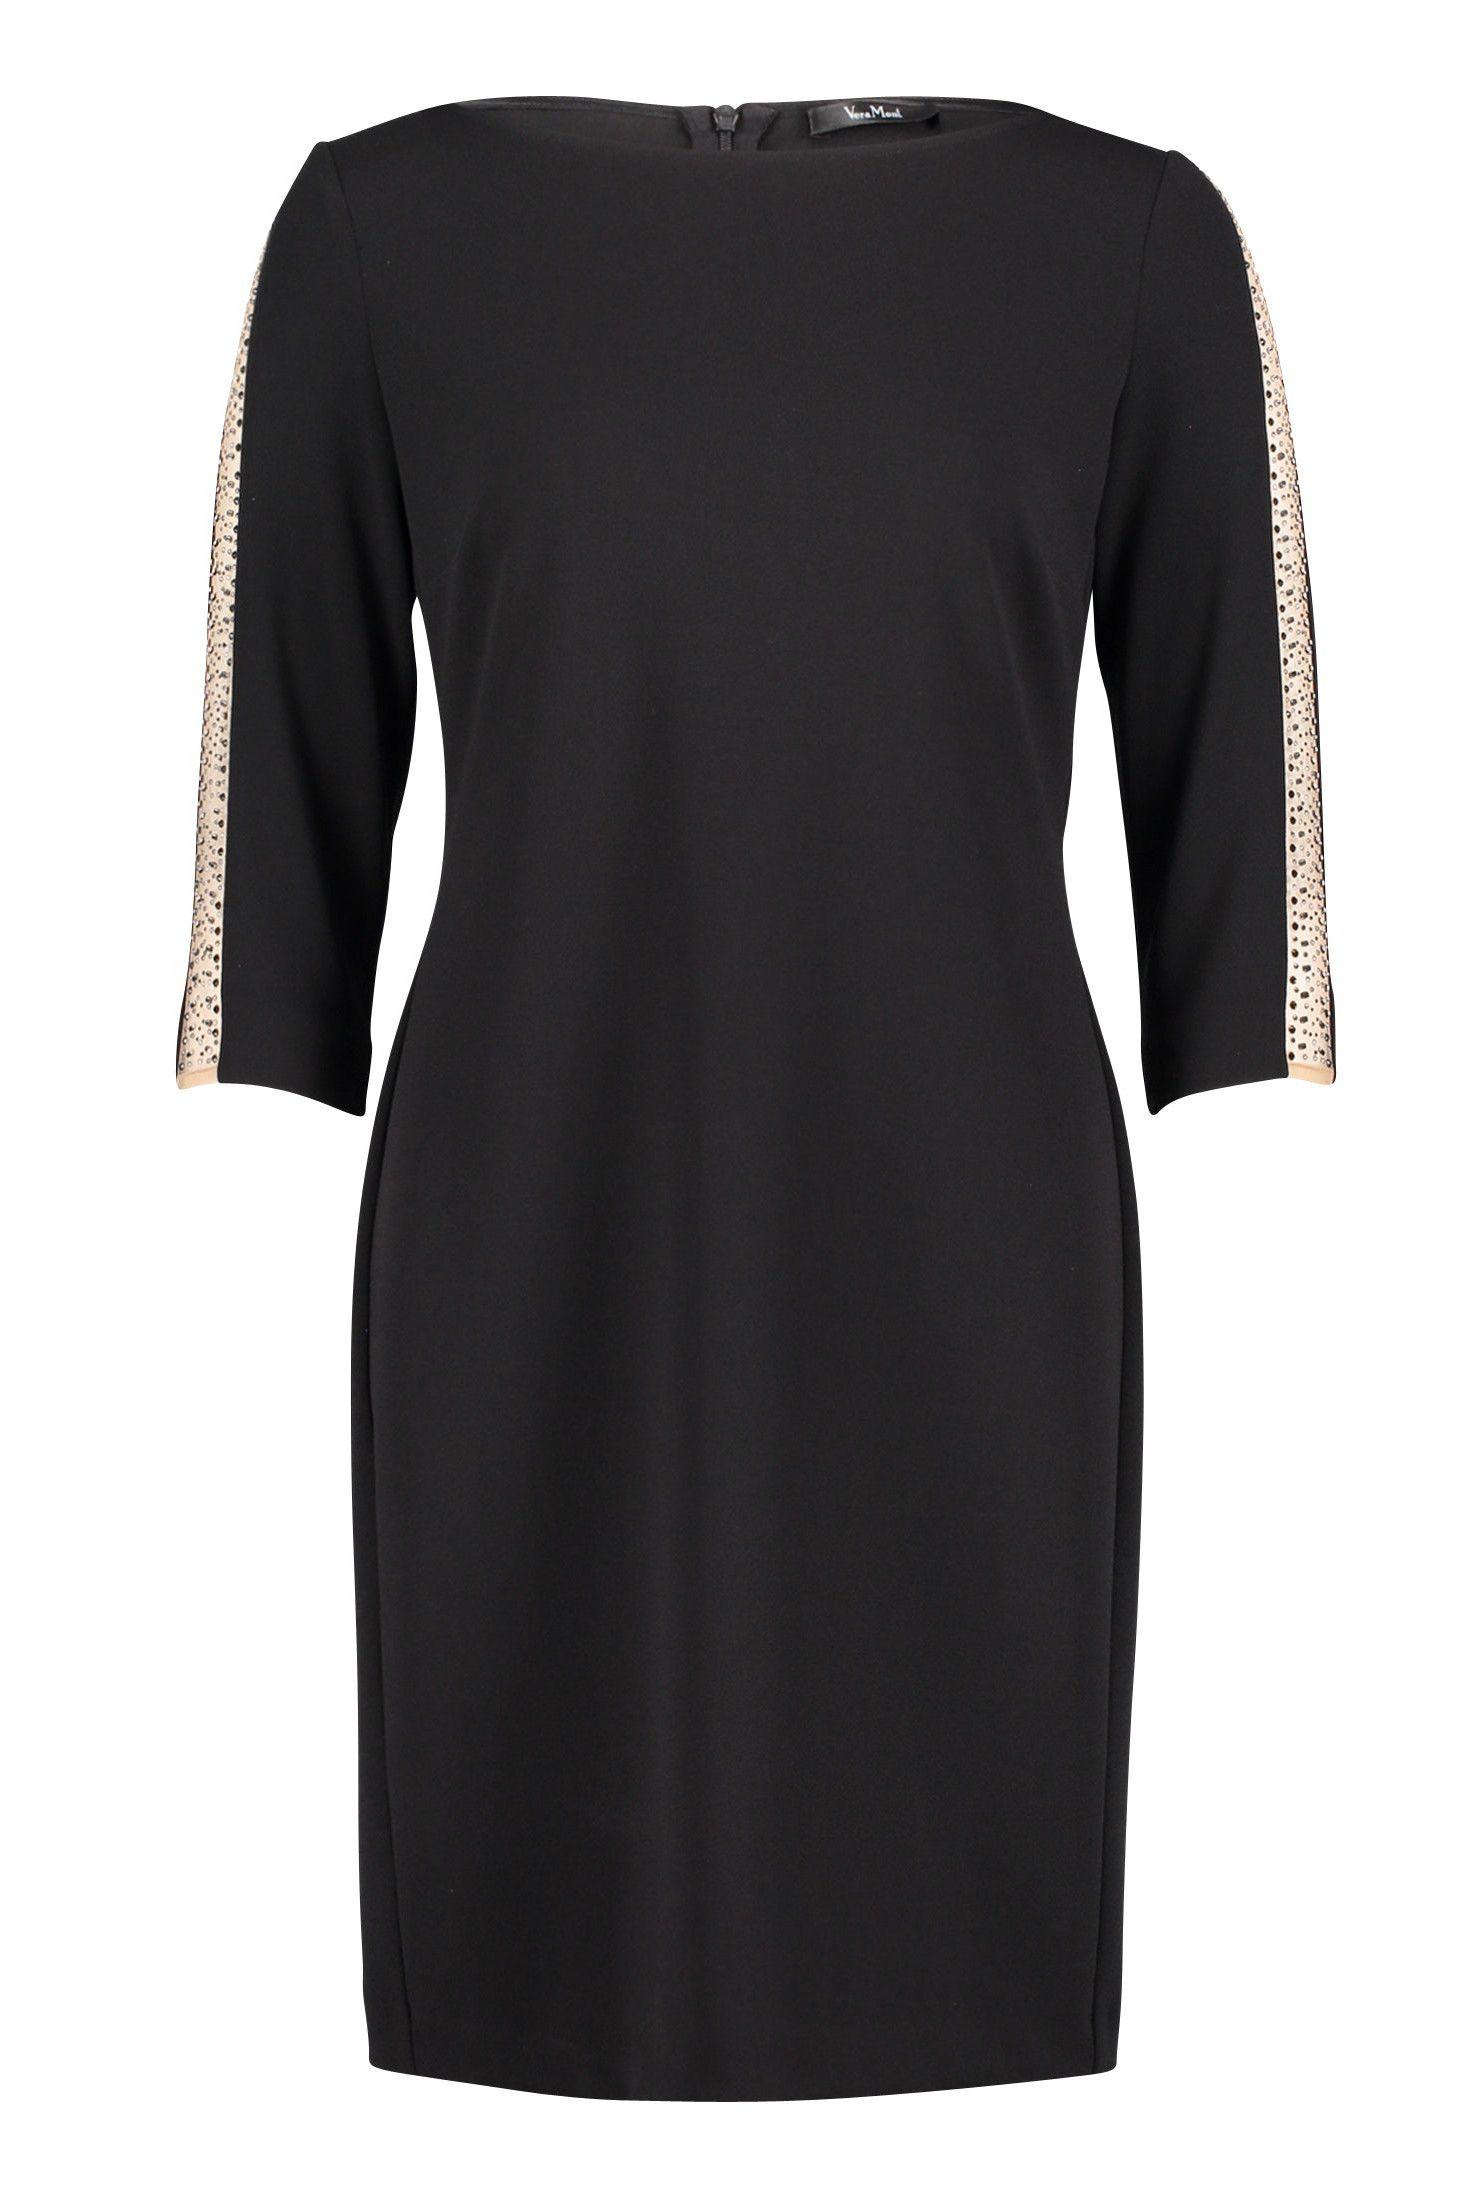 knieumspielendes schwarzes kleid. #abendkleid #abendkleider